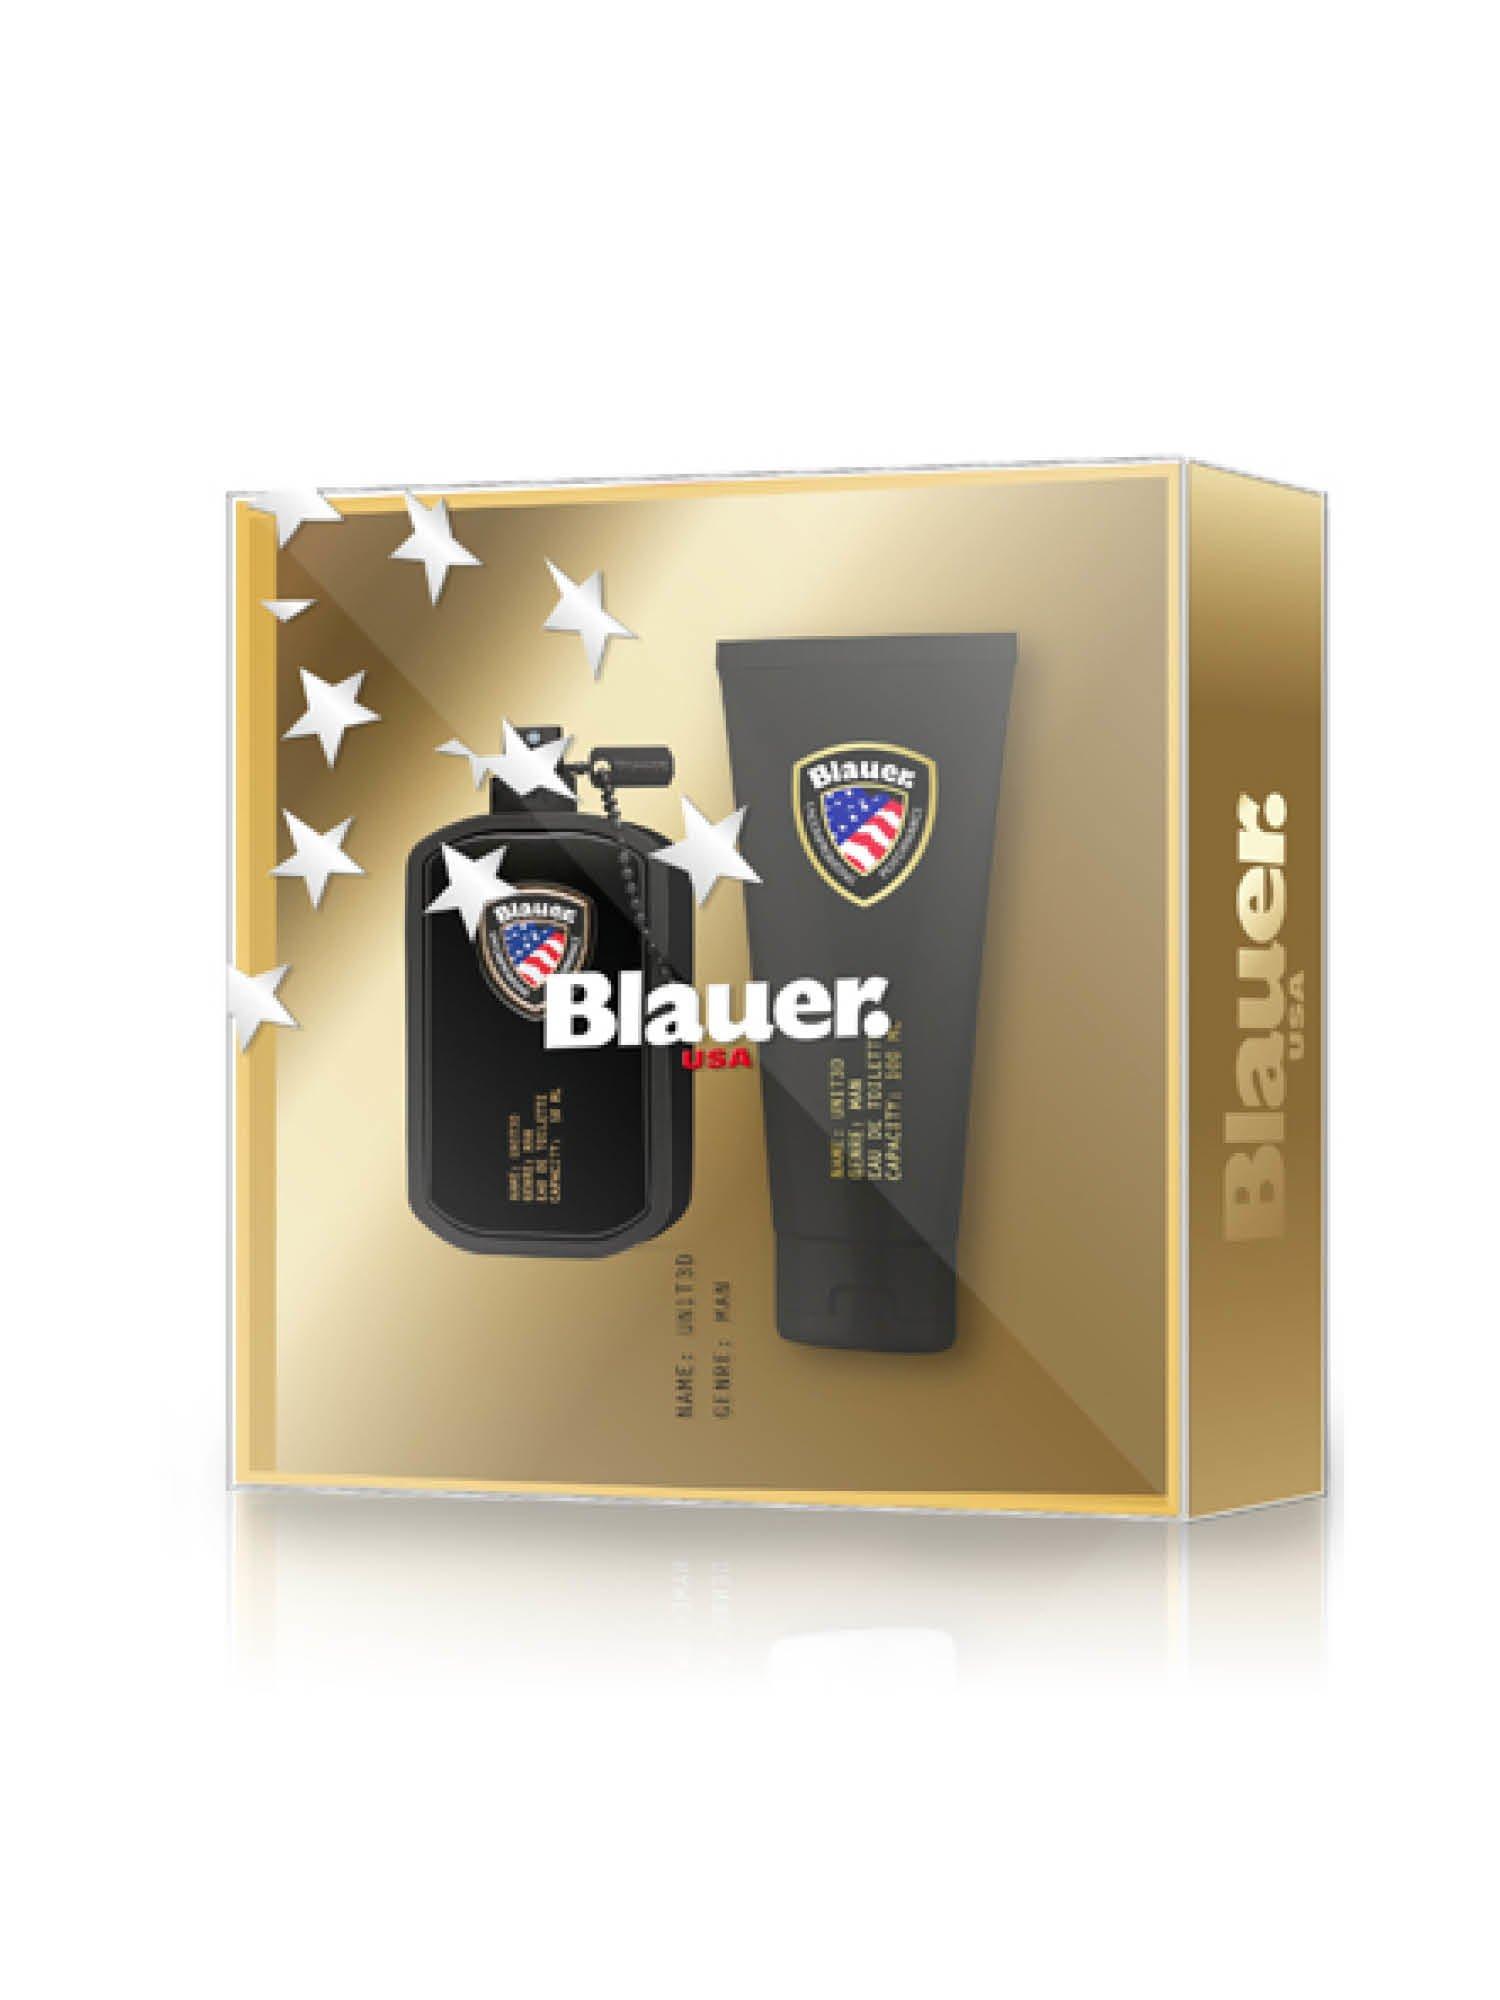 BLAUER UNITED PRESTIGE KIT PARA HOMBRE - Blauer